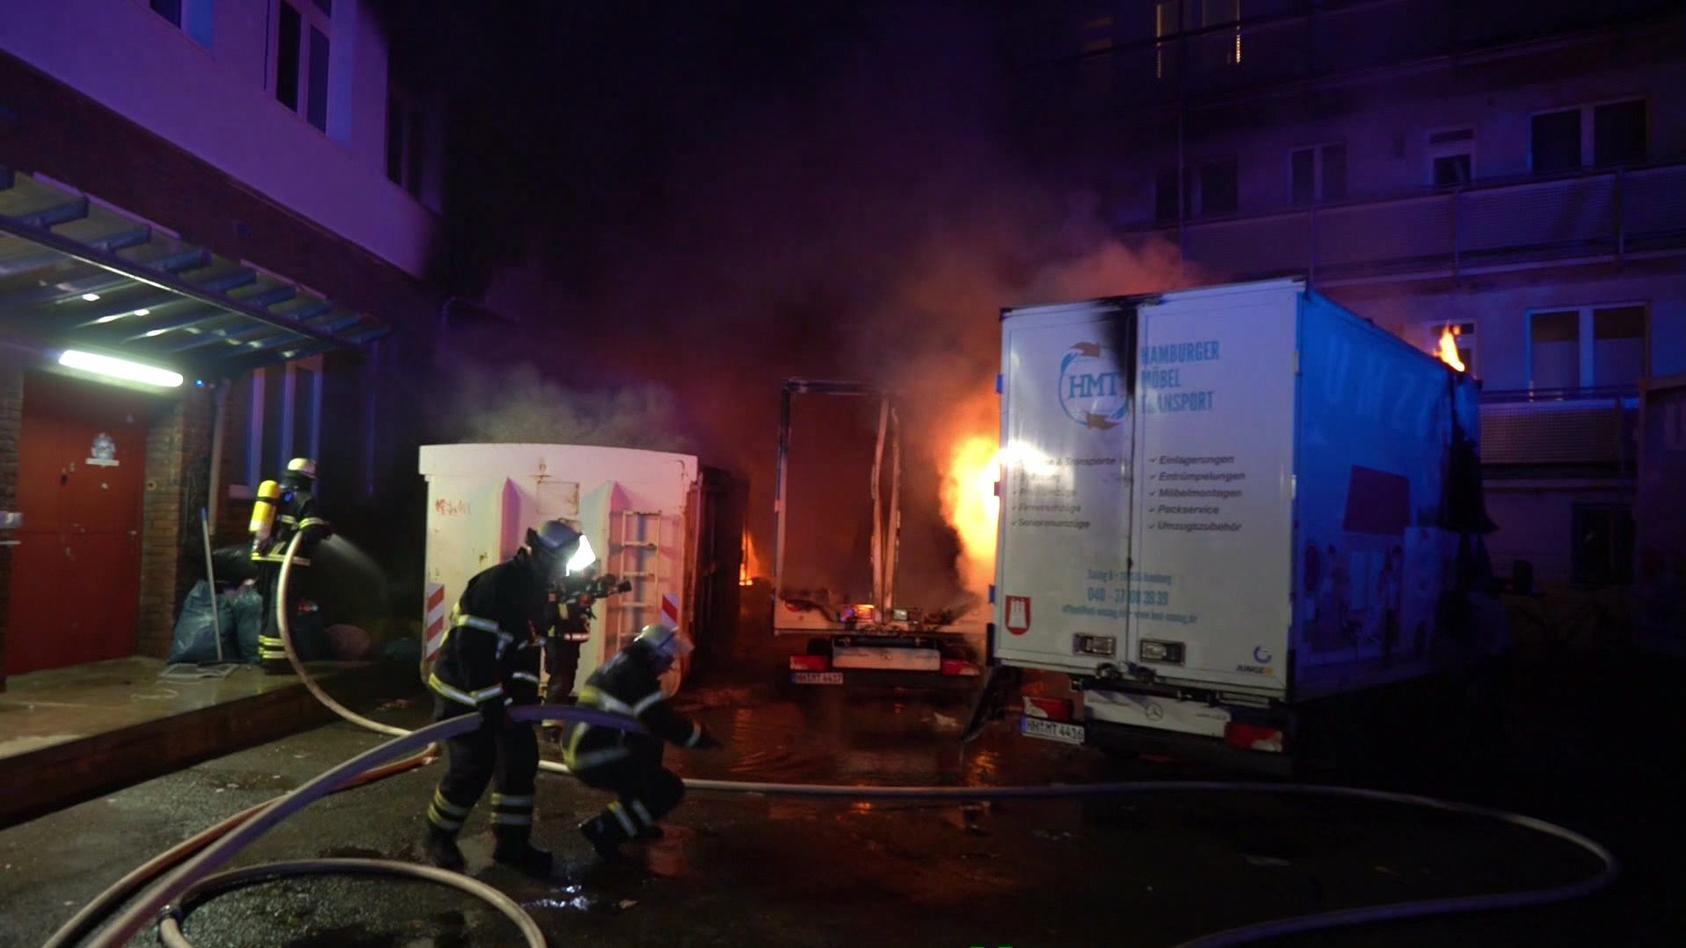 Bei einem Feuer im Hamburger Stadtteil Rothenburgsort sind heute Morgen mehrere Bewohner und eine Polizistin verletzt worden.